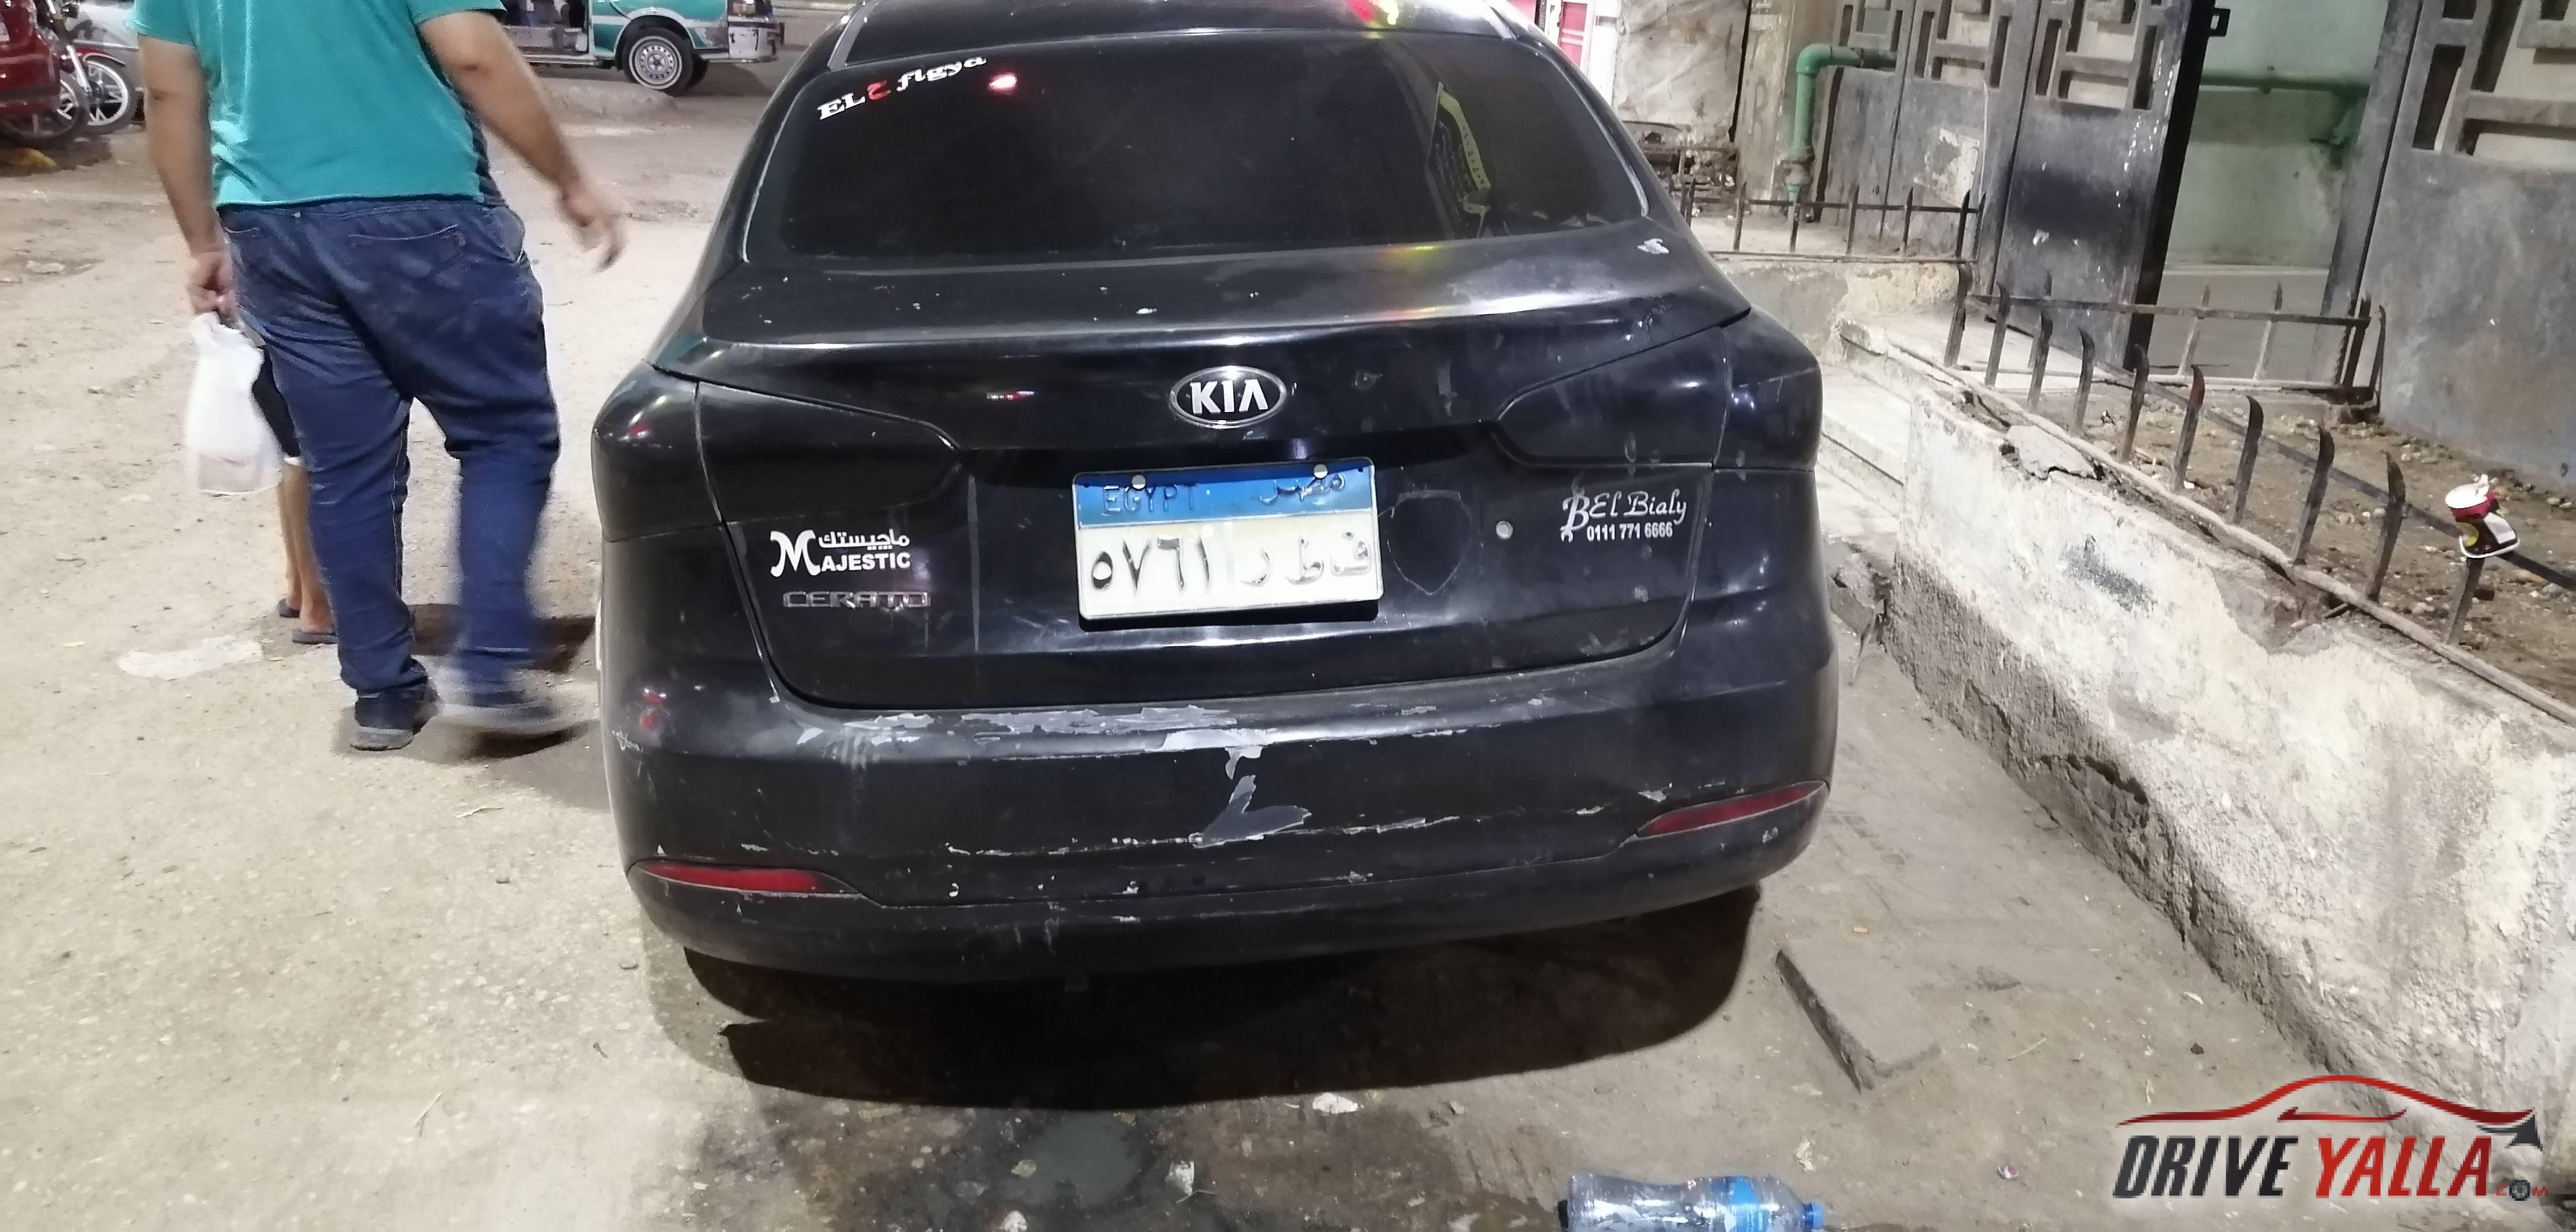 كيا سيراتو  مستعملة للبيع فى مصر بالتقسيط ٢٠١٤